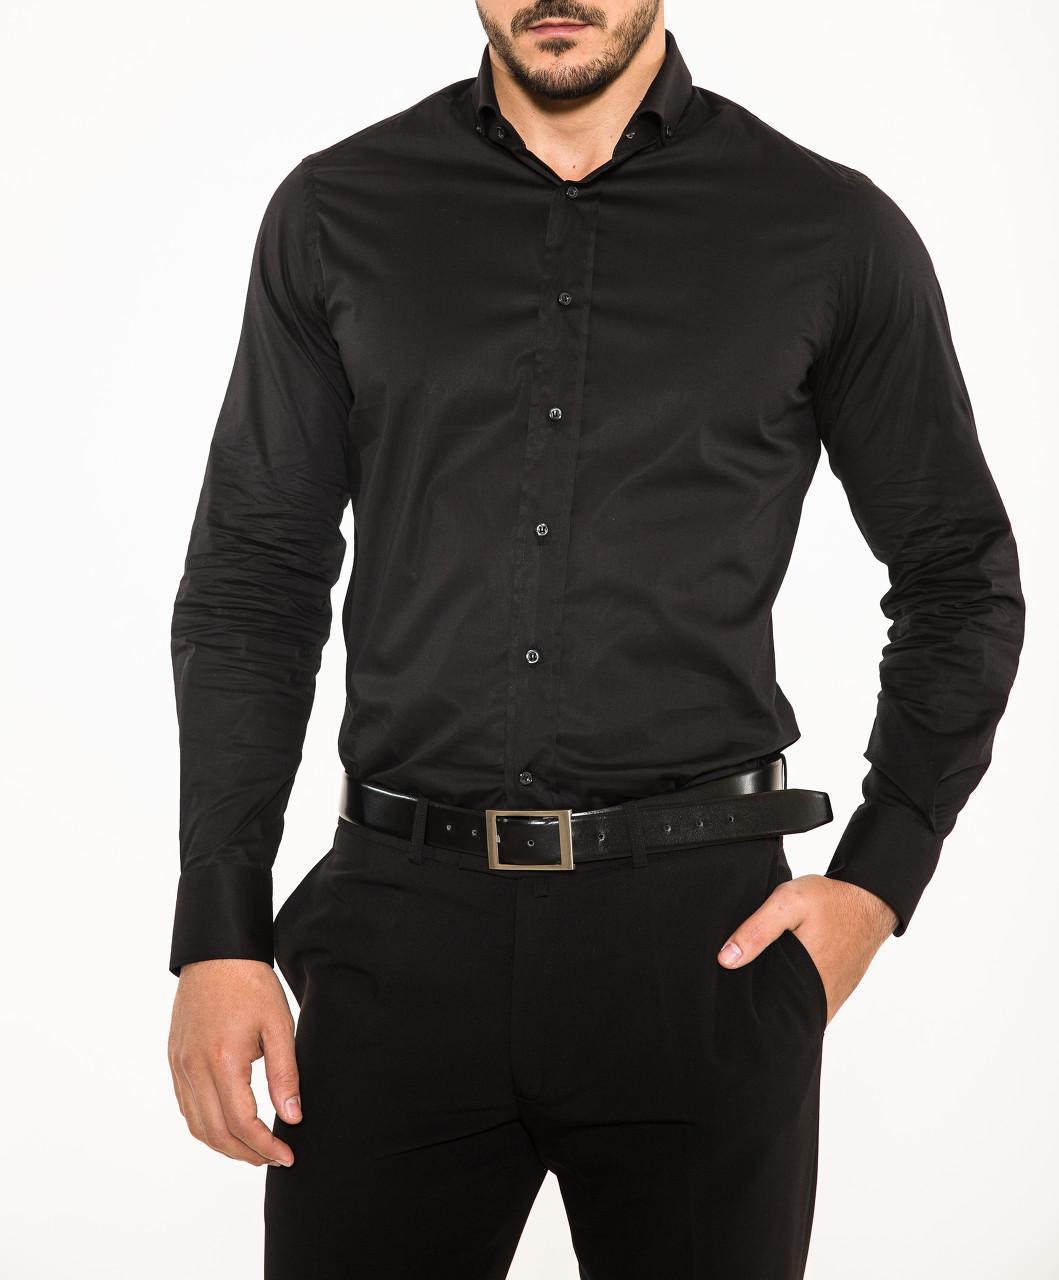 男生穿一身黑太丑 男神也变成普通人